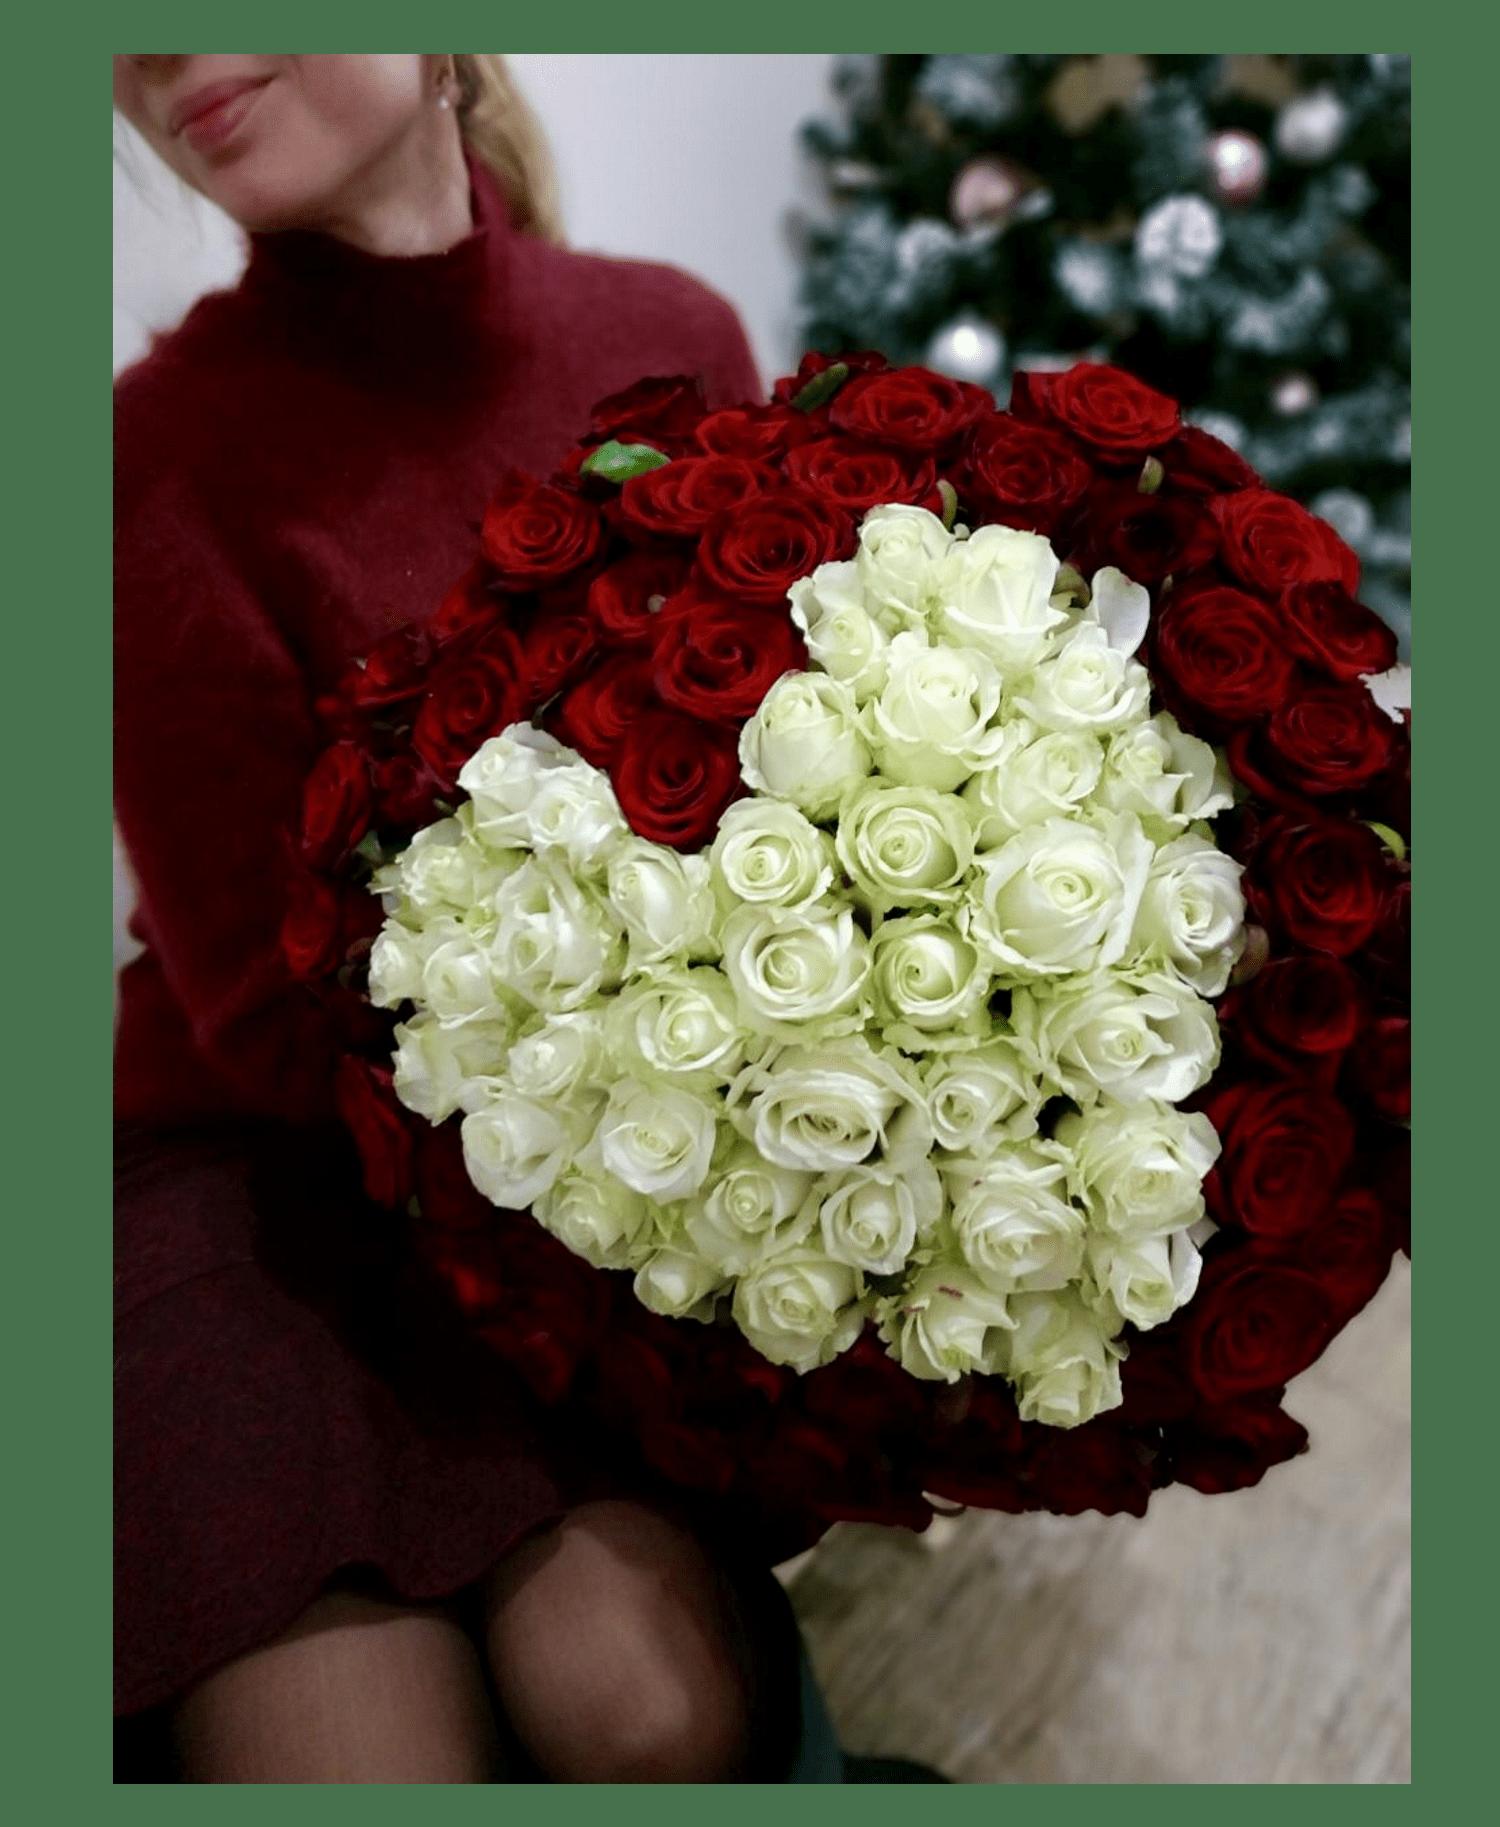 Рыжий природный цвет